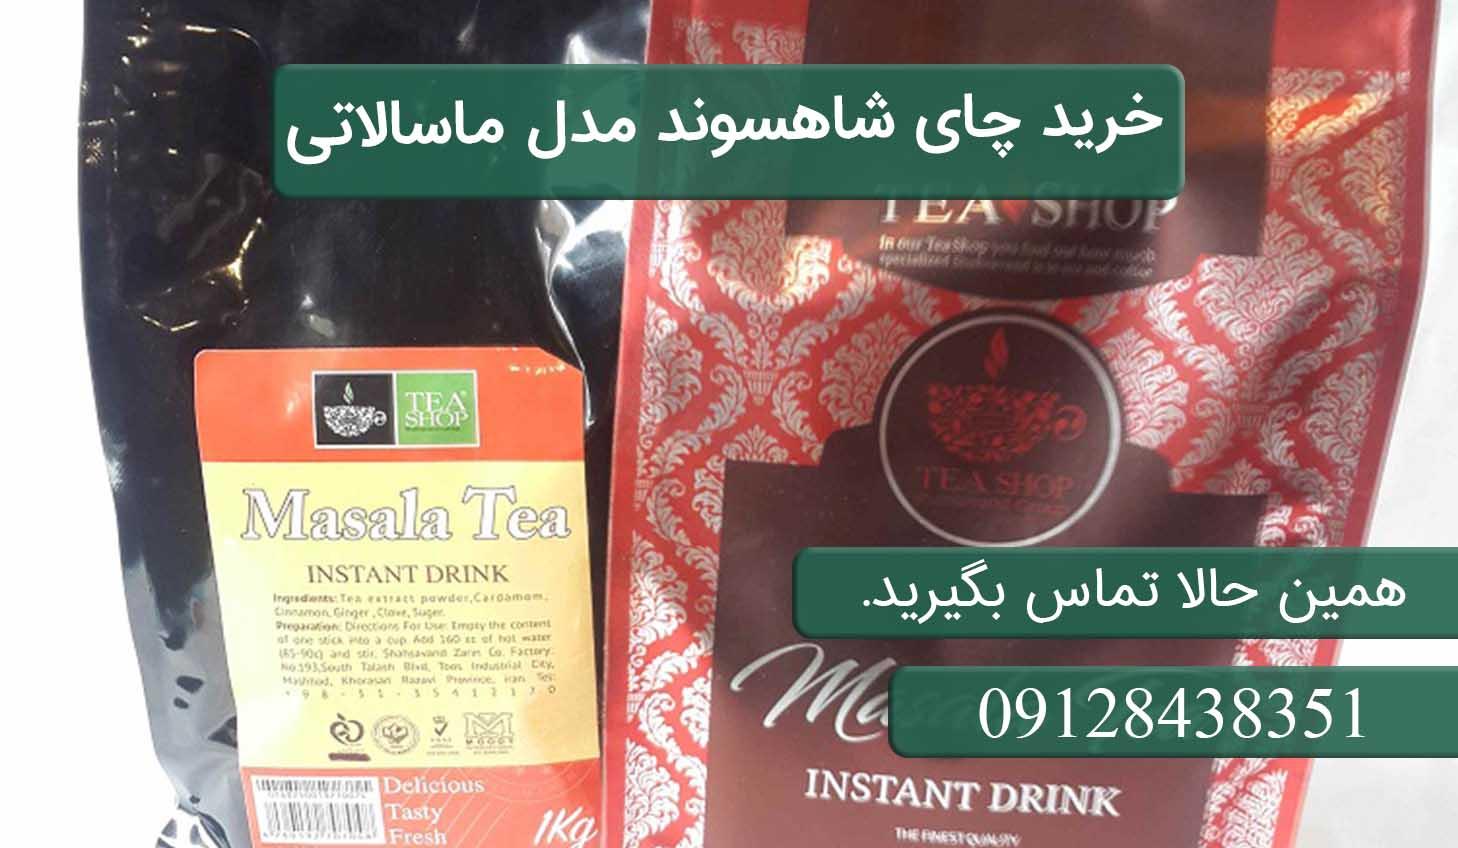 خرید چای شاهسوند مدل ماسالاتی